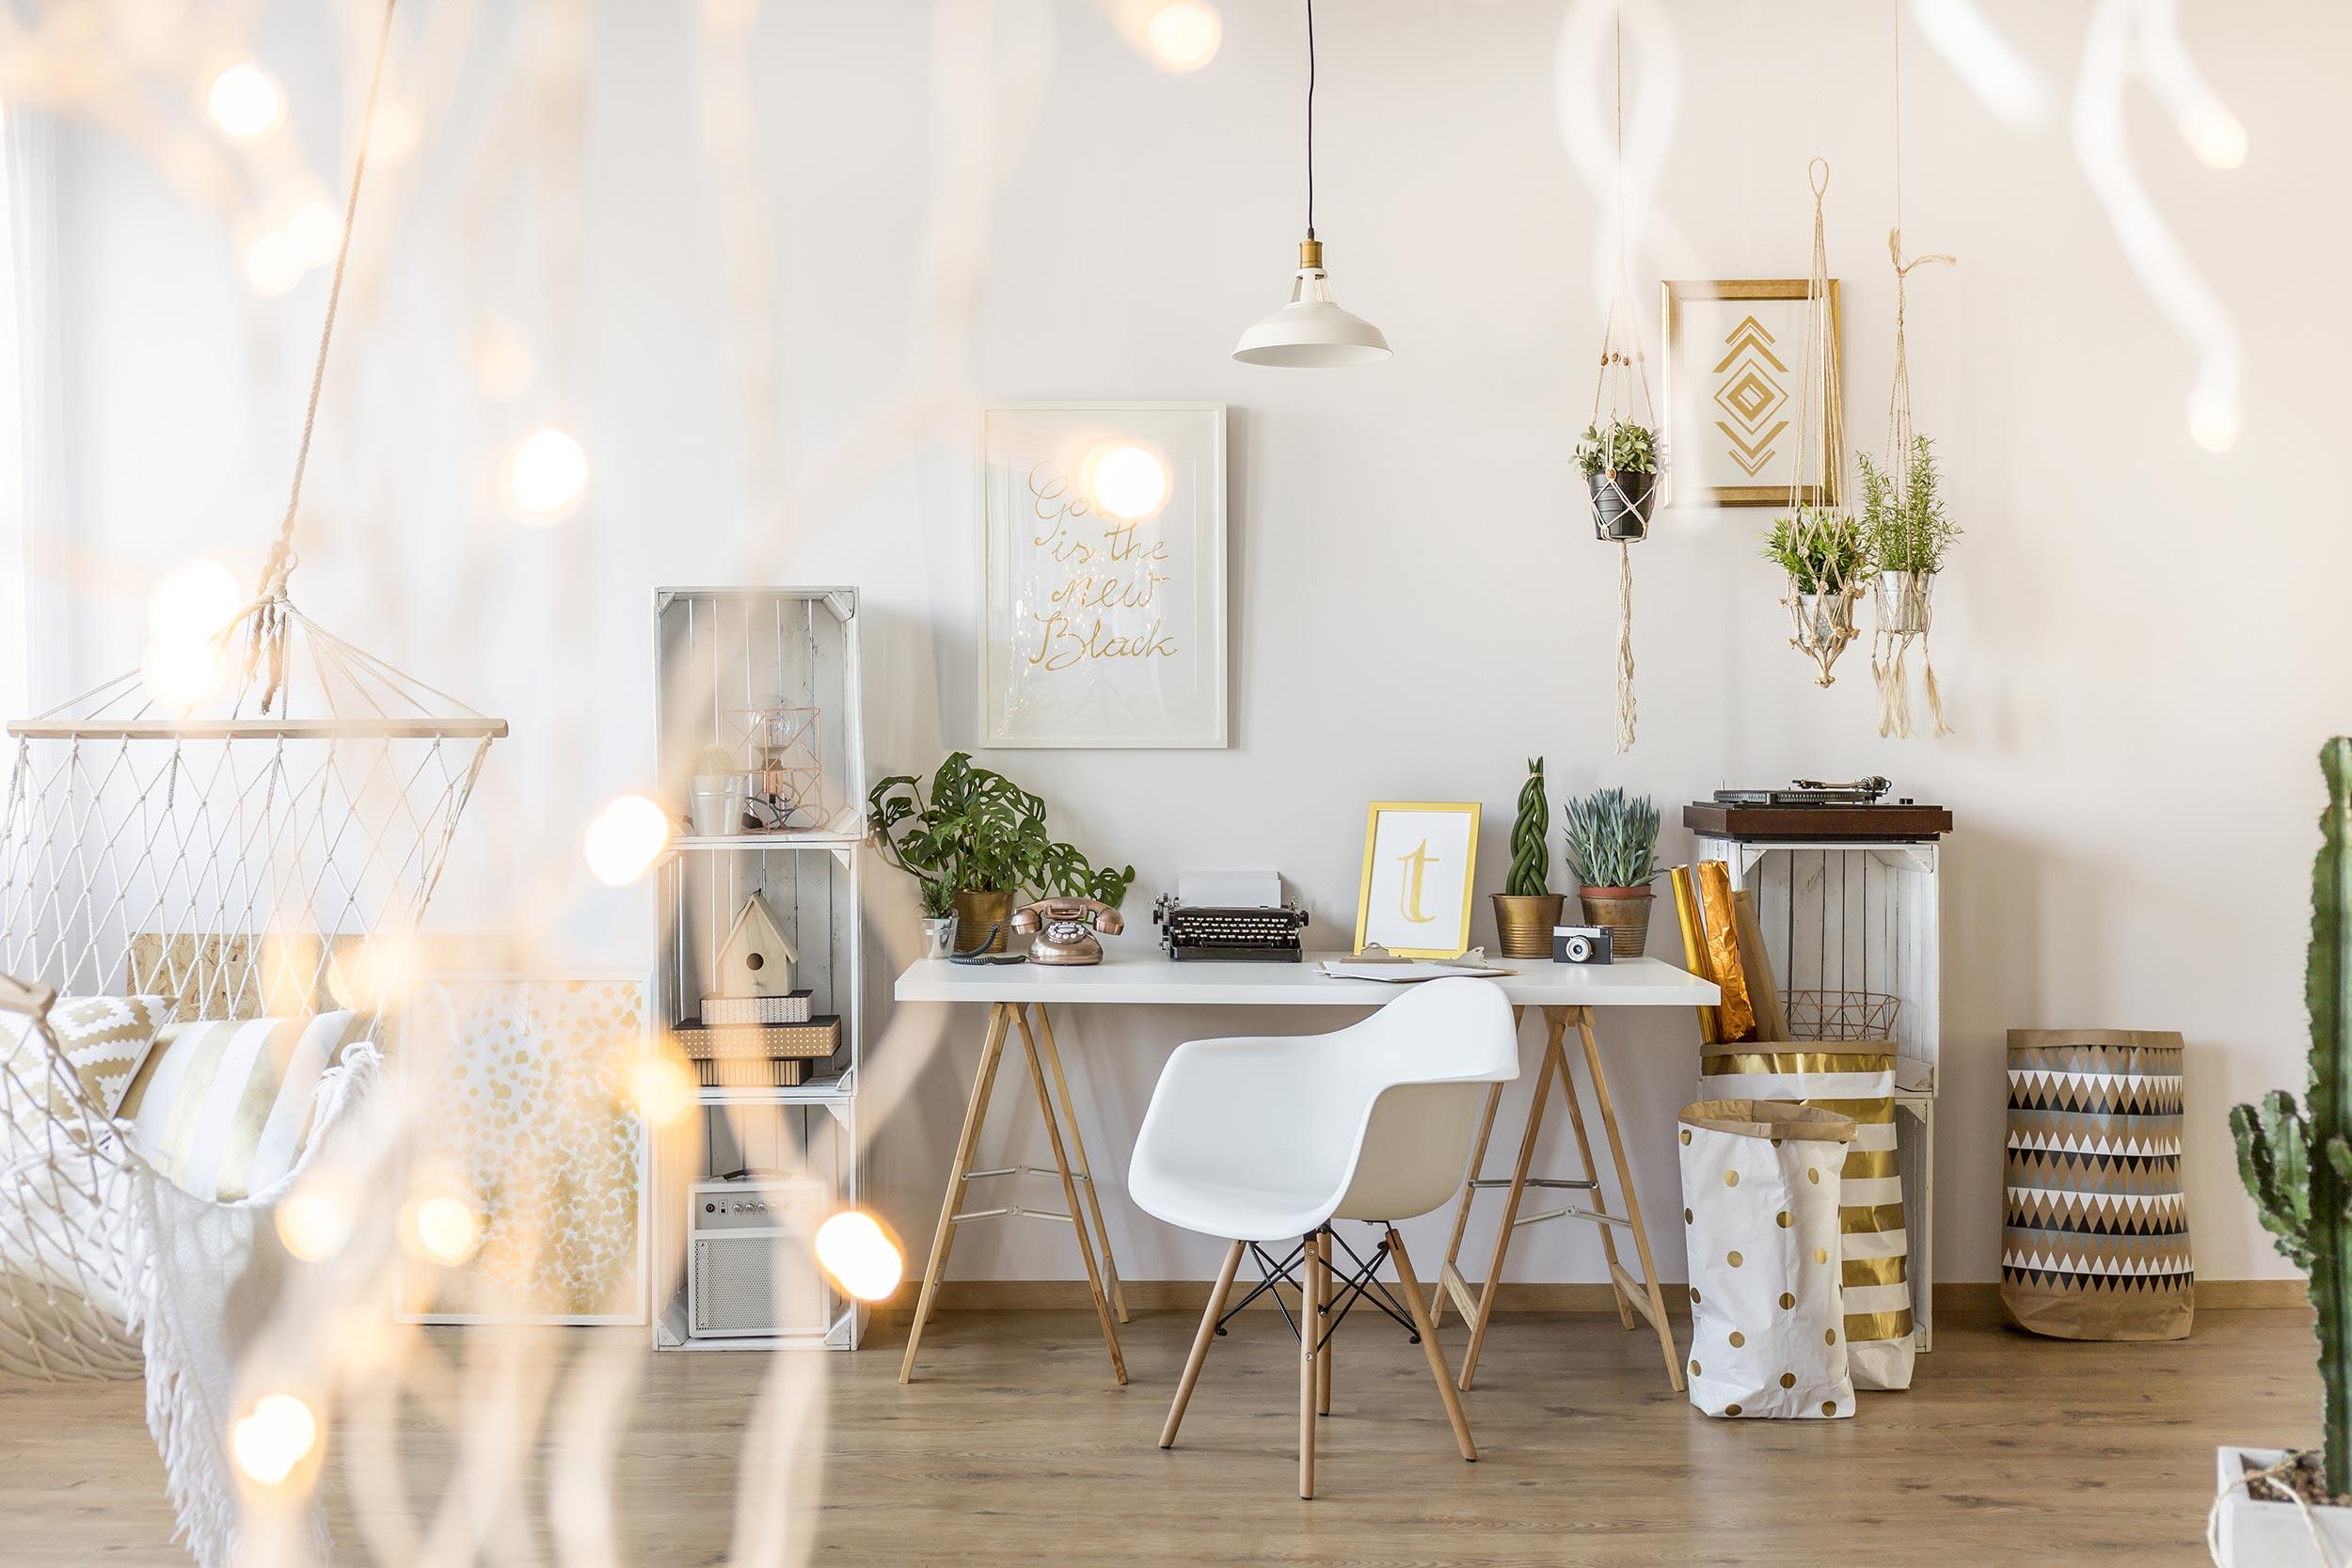 Dnevna soba s bijelim namještajem, radni stol i stolac, ljuljačka za ležanje usred sobe